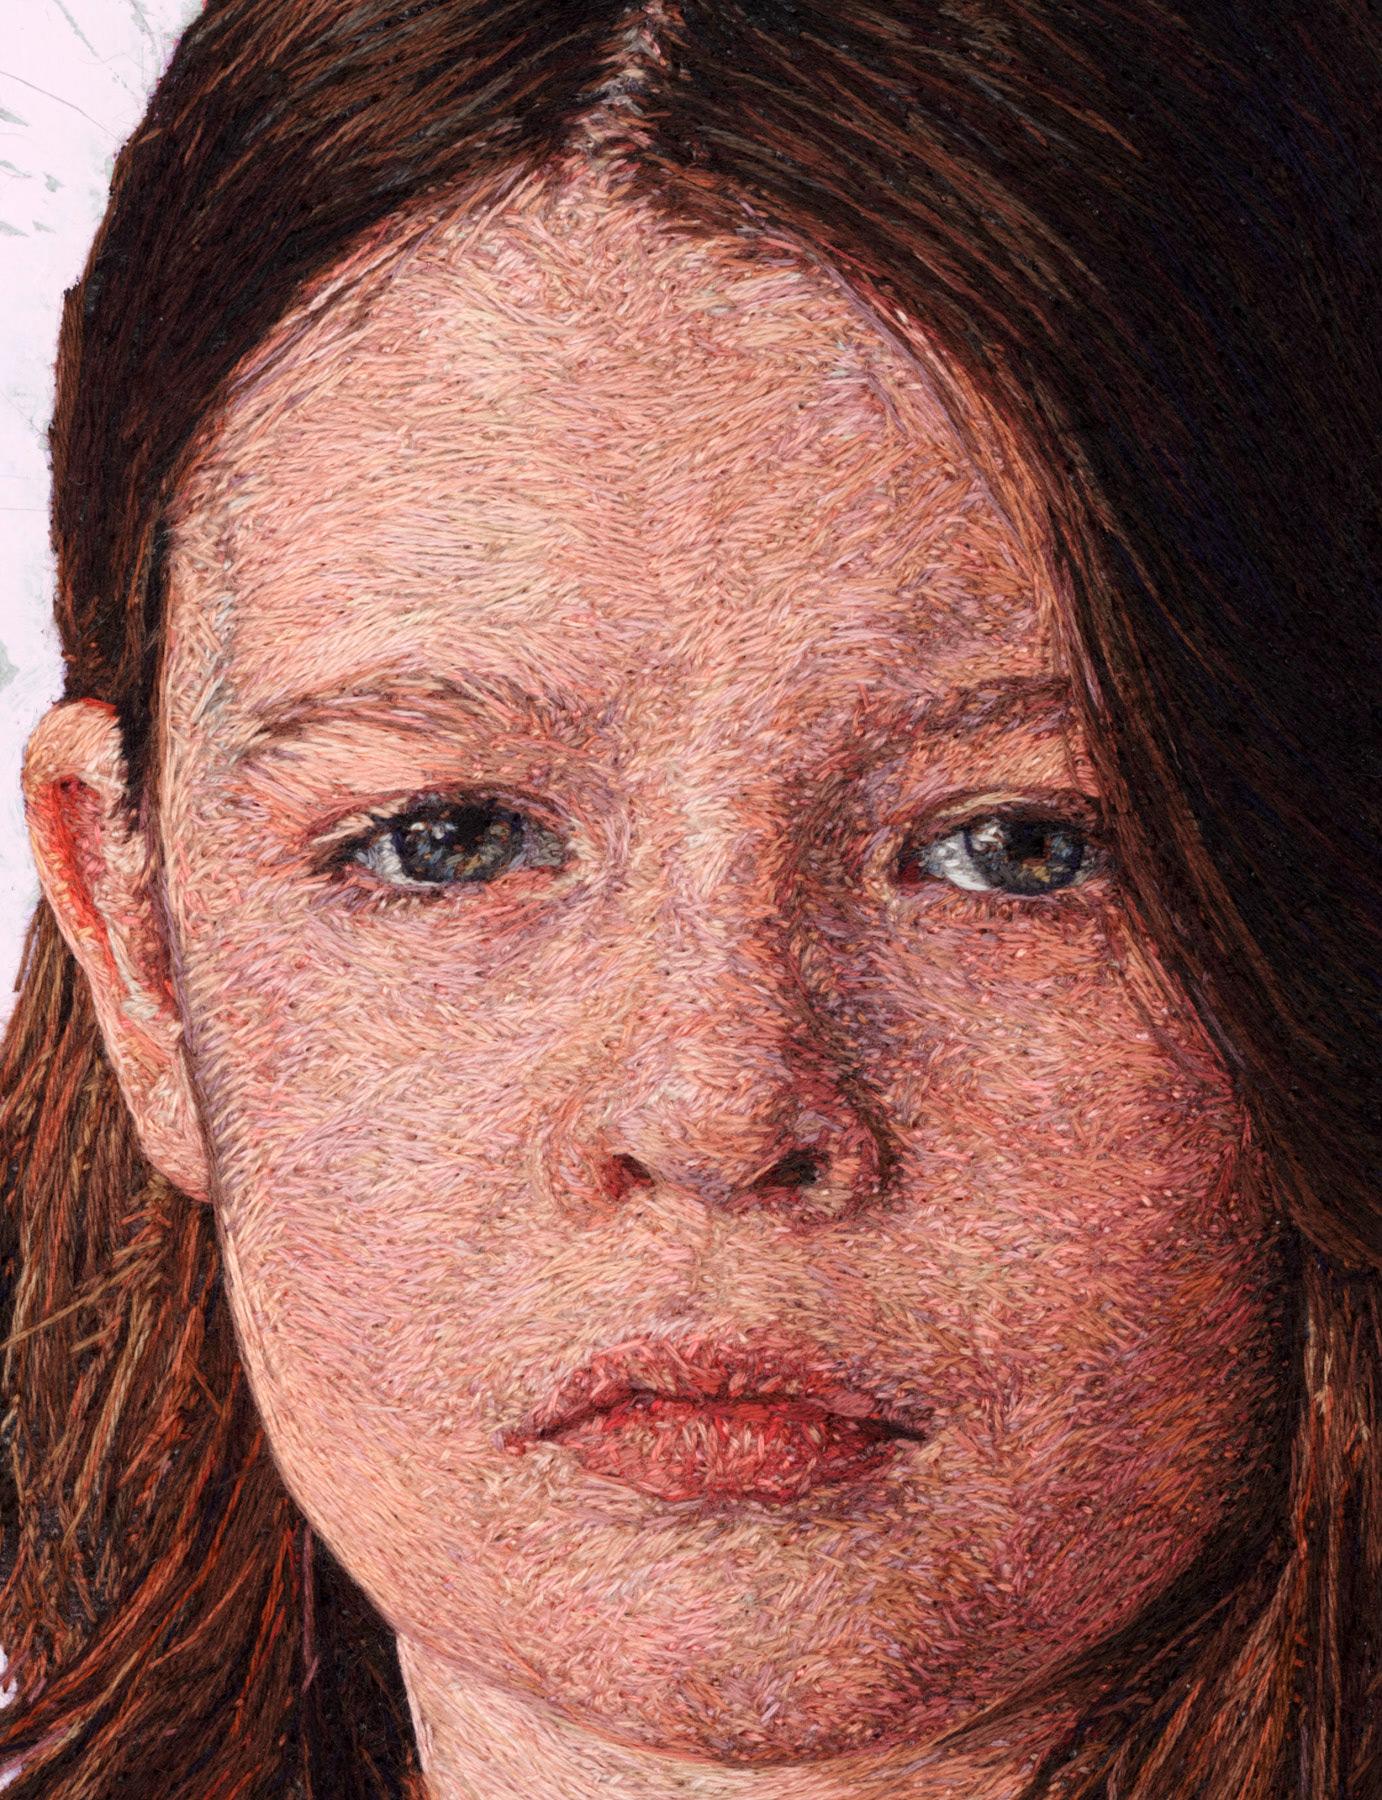 Вышитые портреты художницы Кейси Завалья